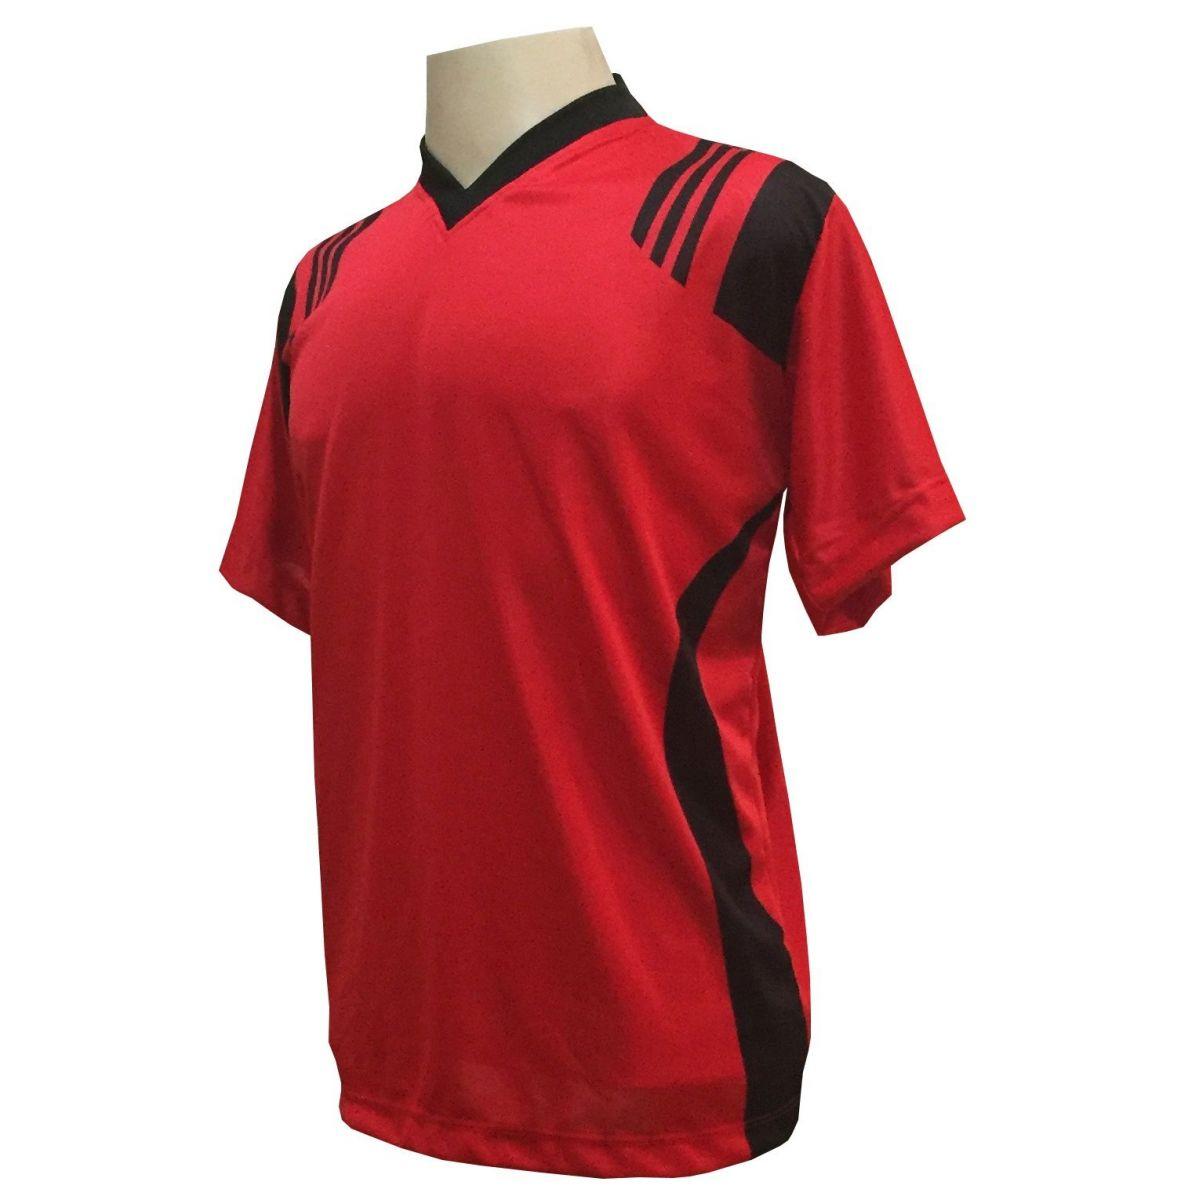 Jogo de Camisa com 18 unidades modelo Roma Vermelho/Preto